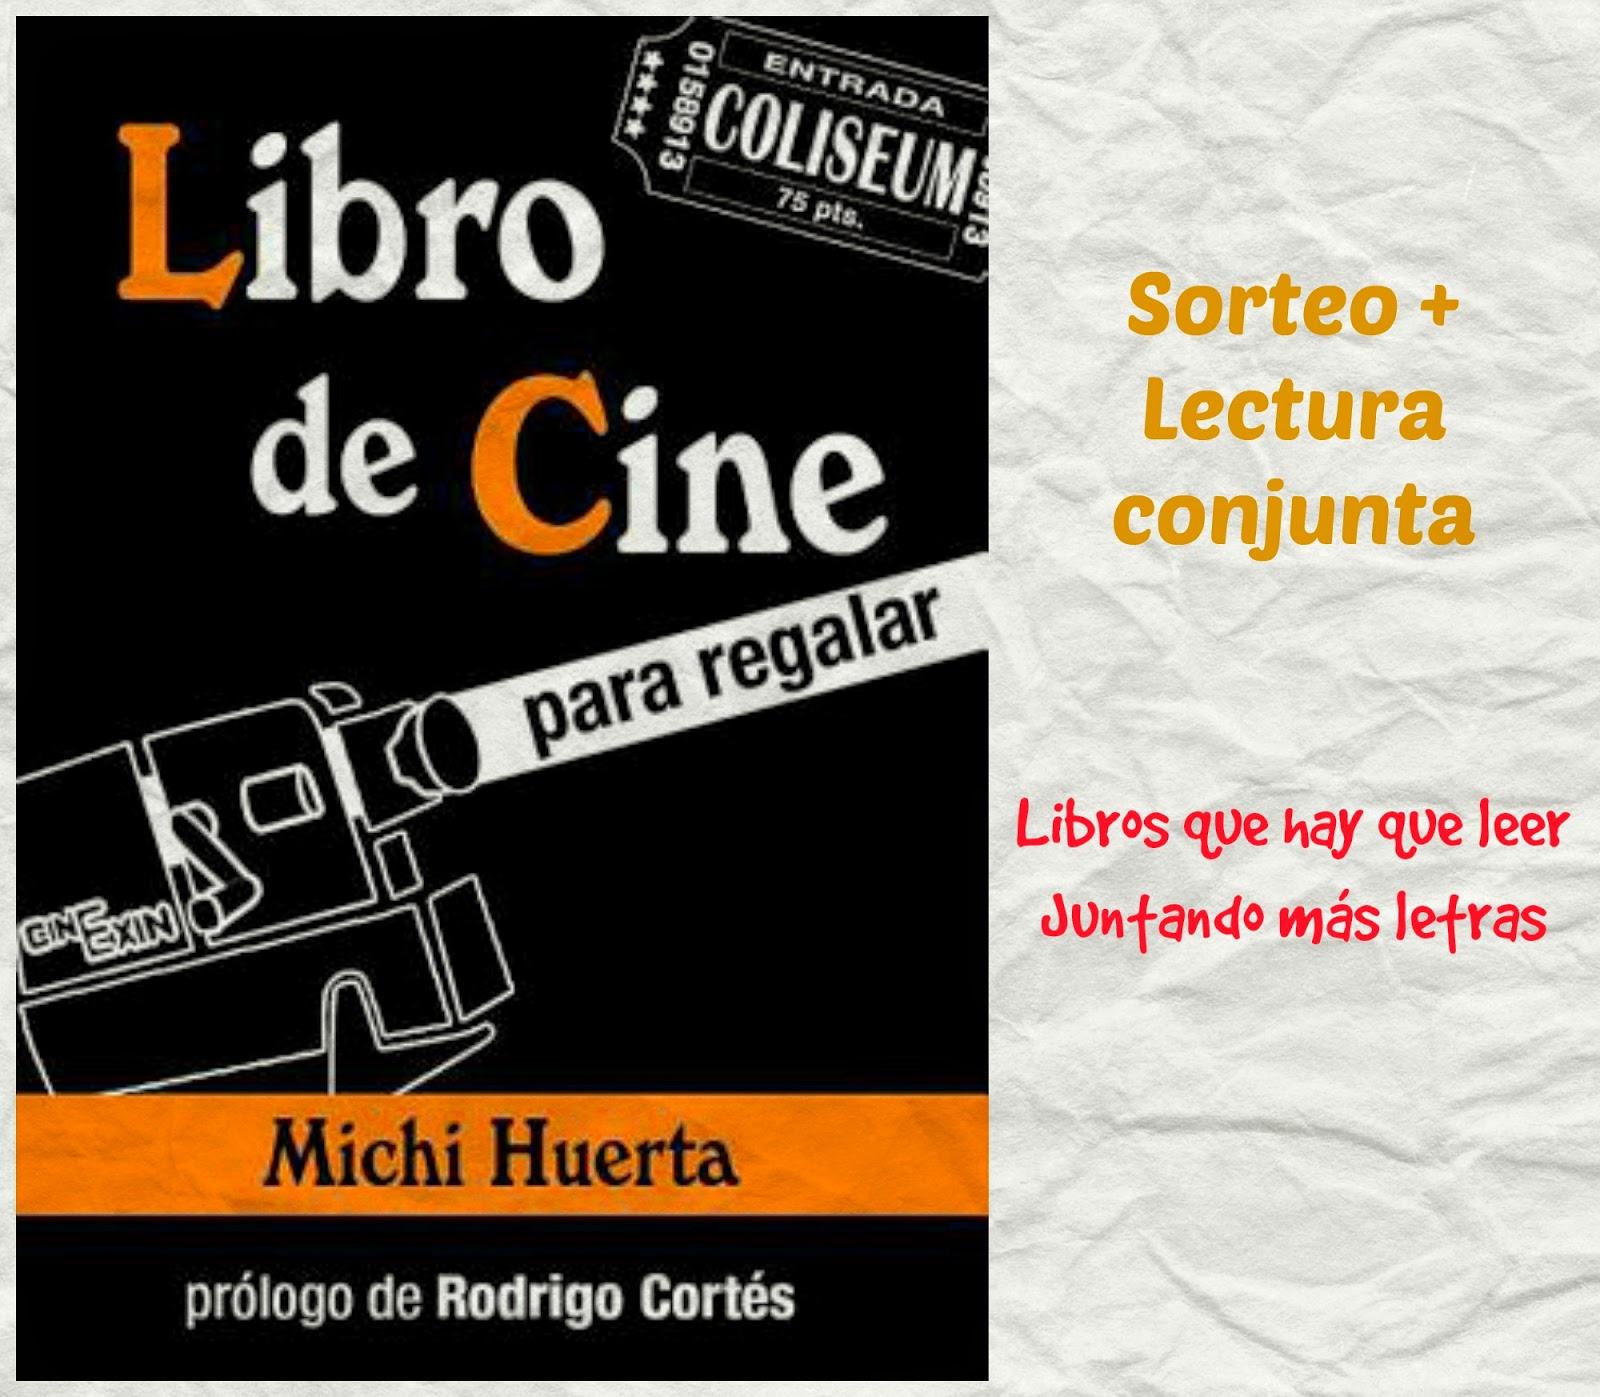 http://juntandomasletras.blogspot.com.es/2014/05/lectura-conjuntasorteo-libro-de-cine.html